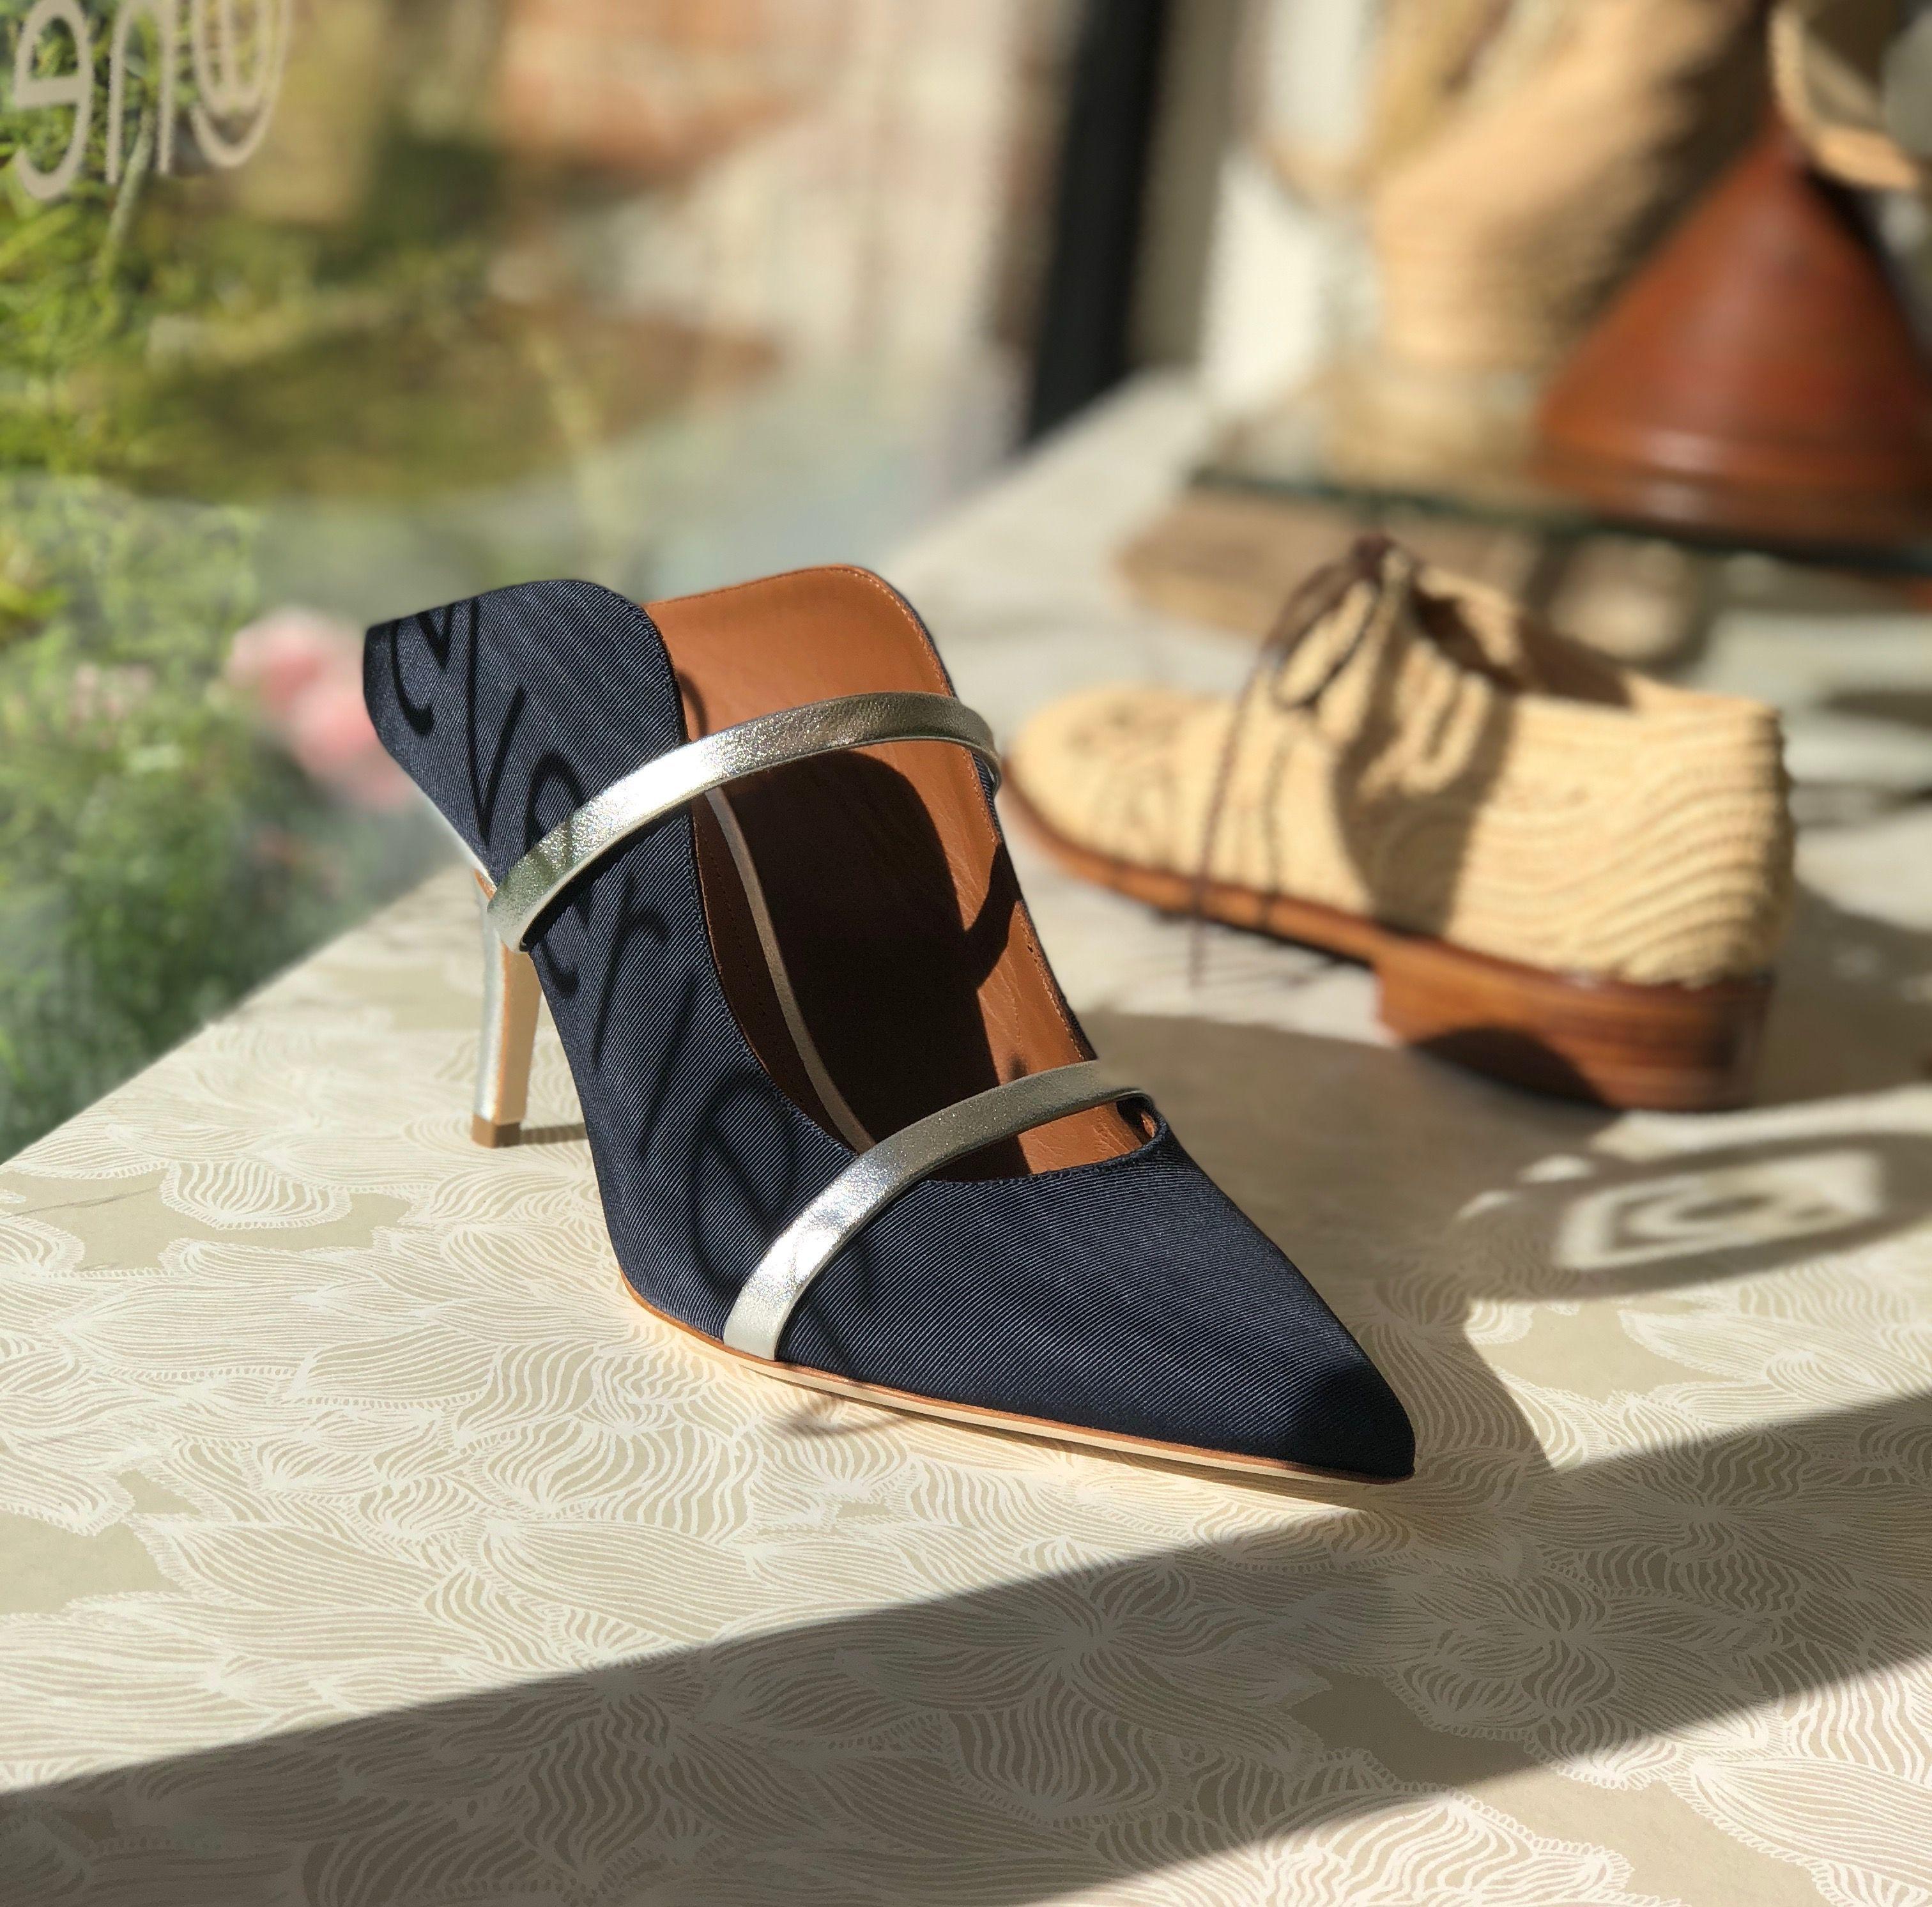 comforter stylish womens s comfort nordstrom c comfortable women shoes dansko